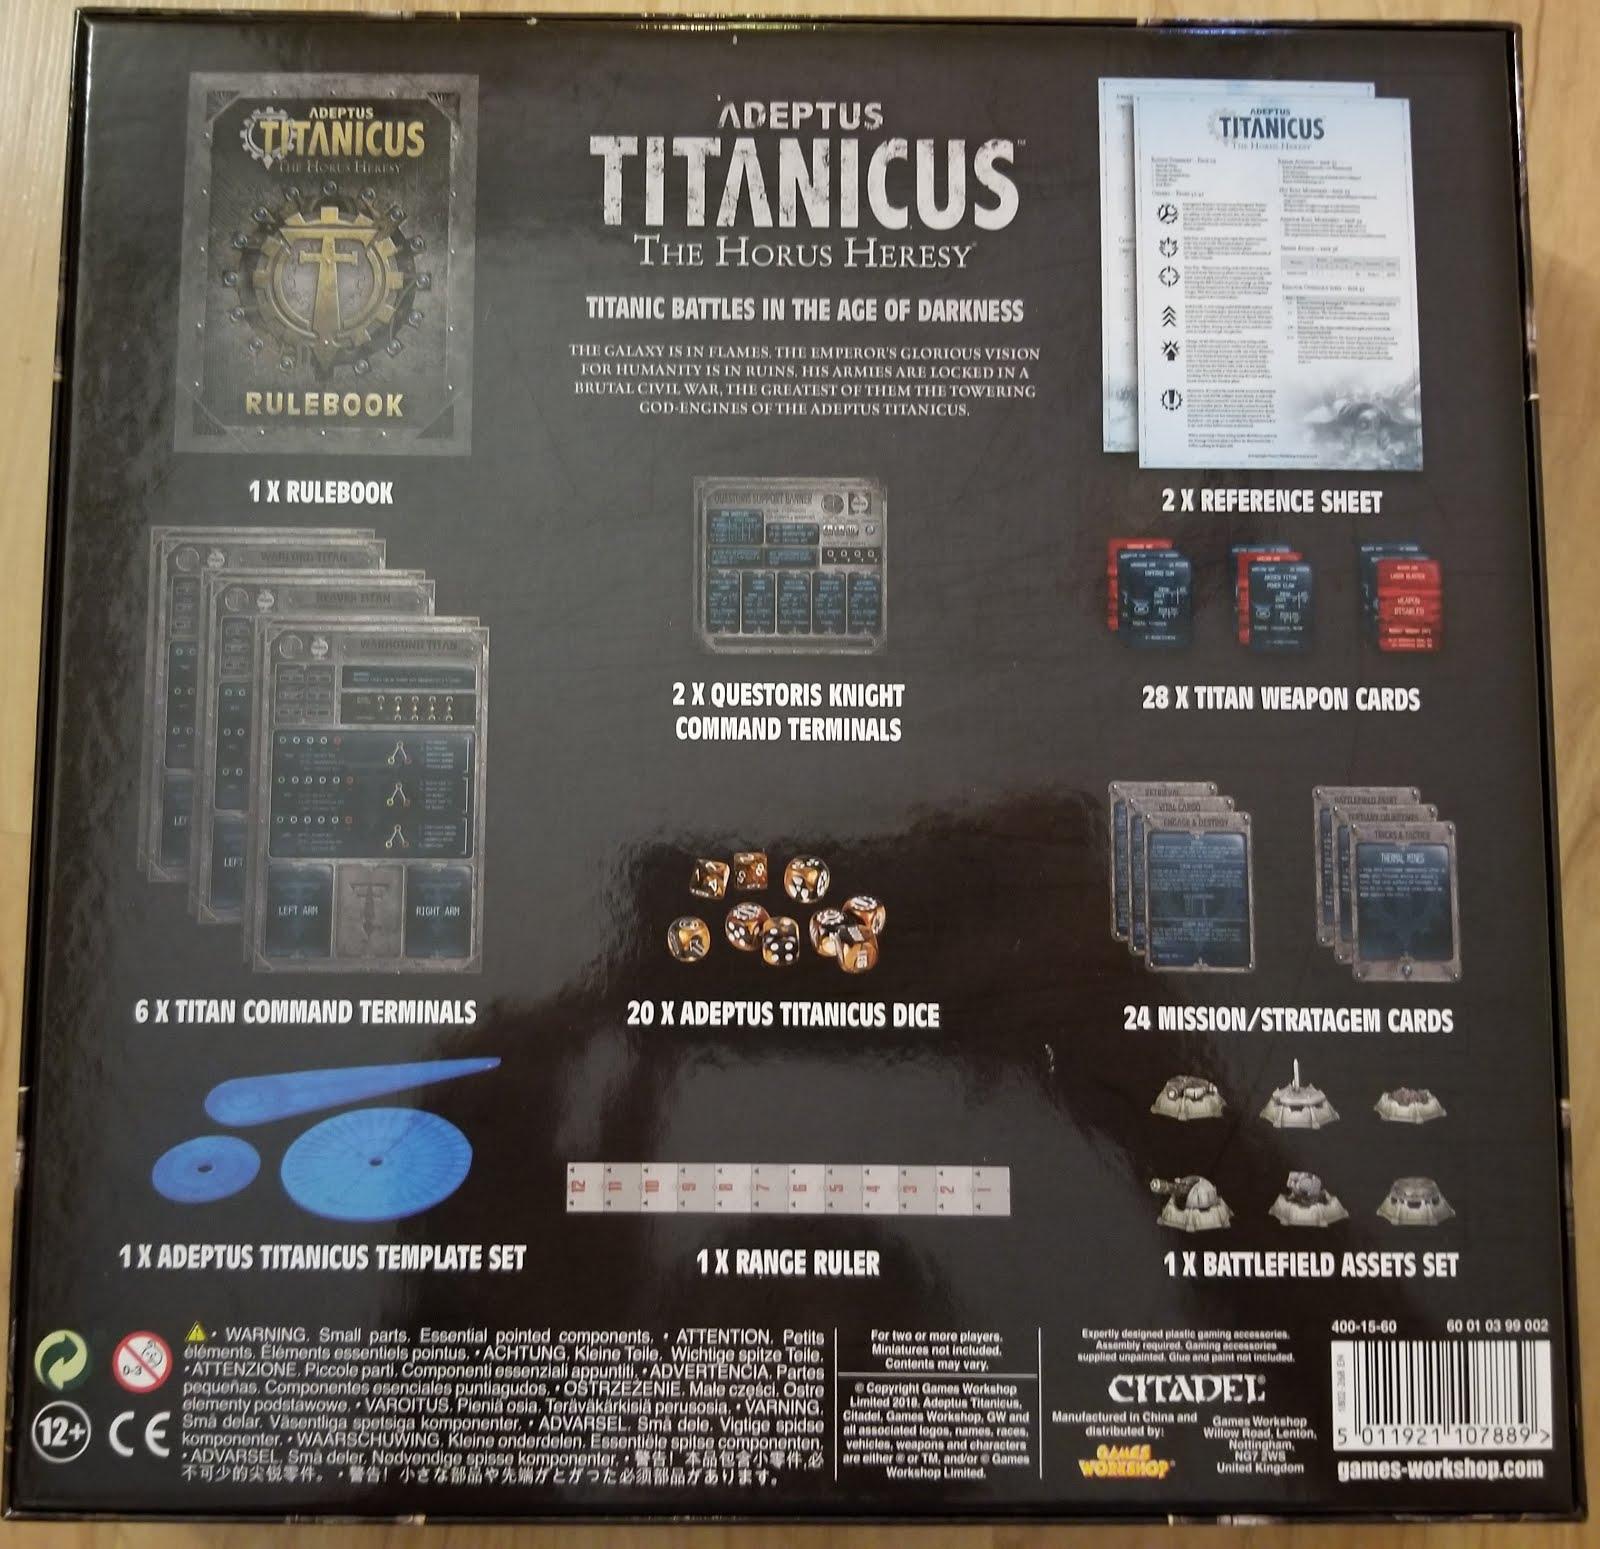 Titan Owners Club: Adeptus Titanicus- The Rules Set